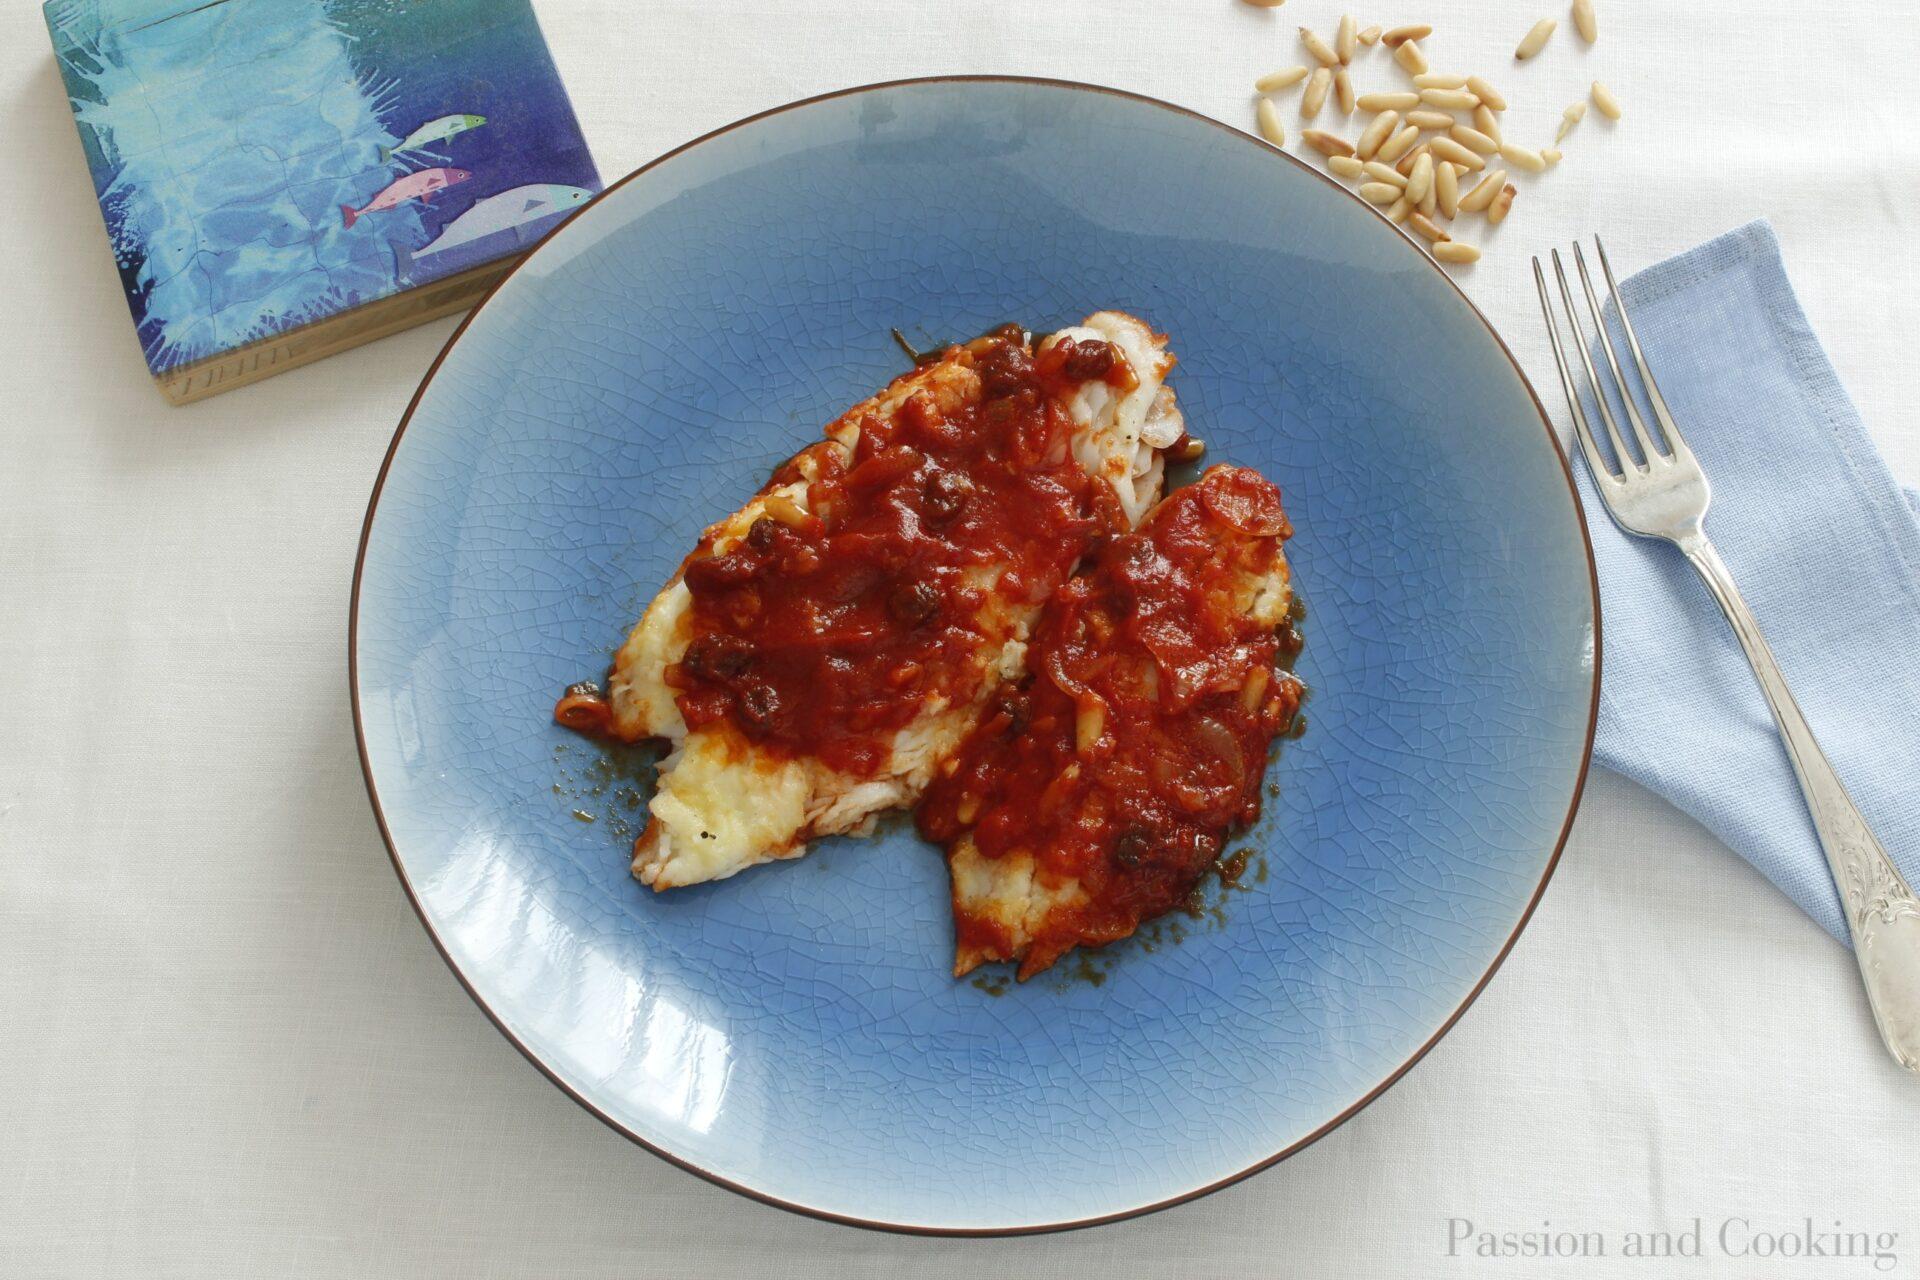 Roman style codfish